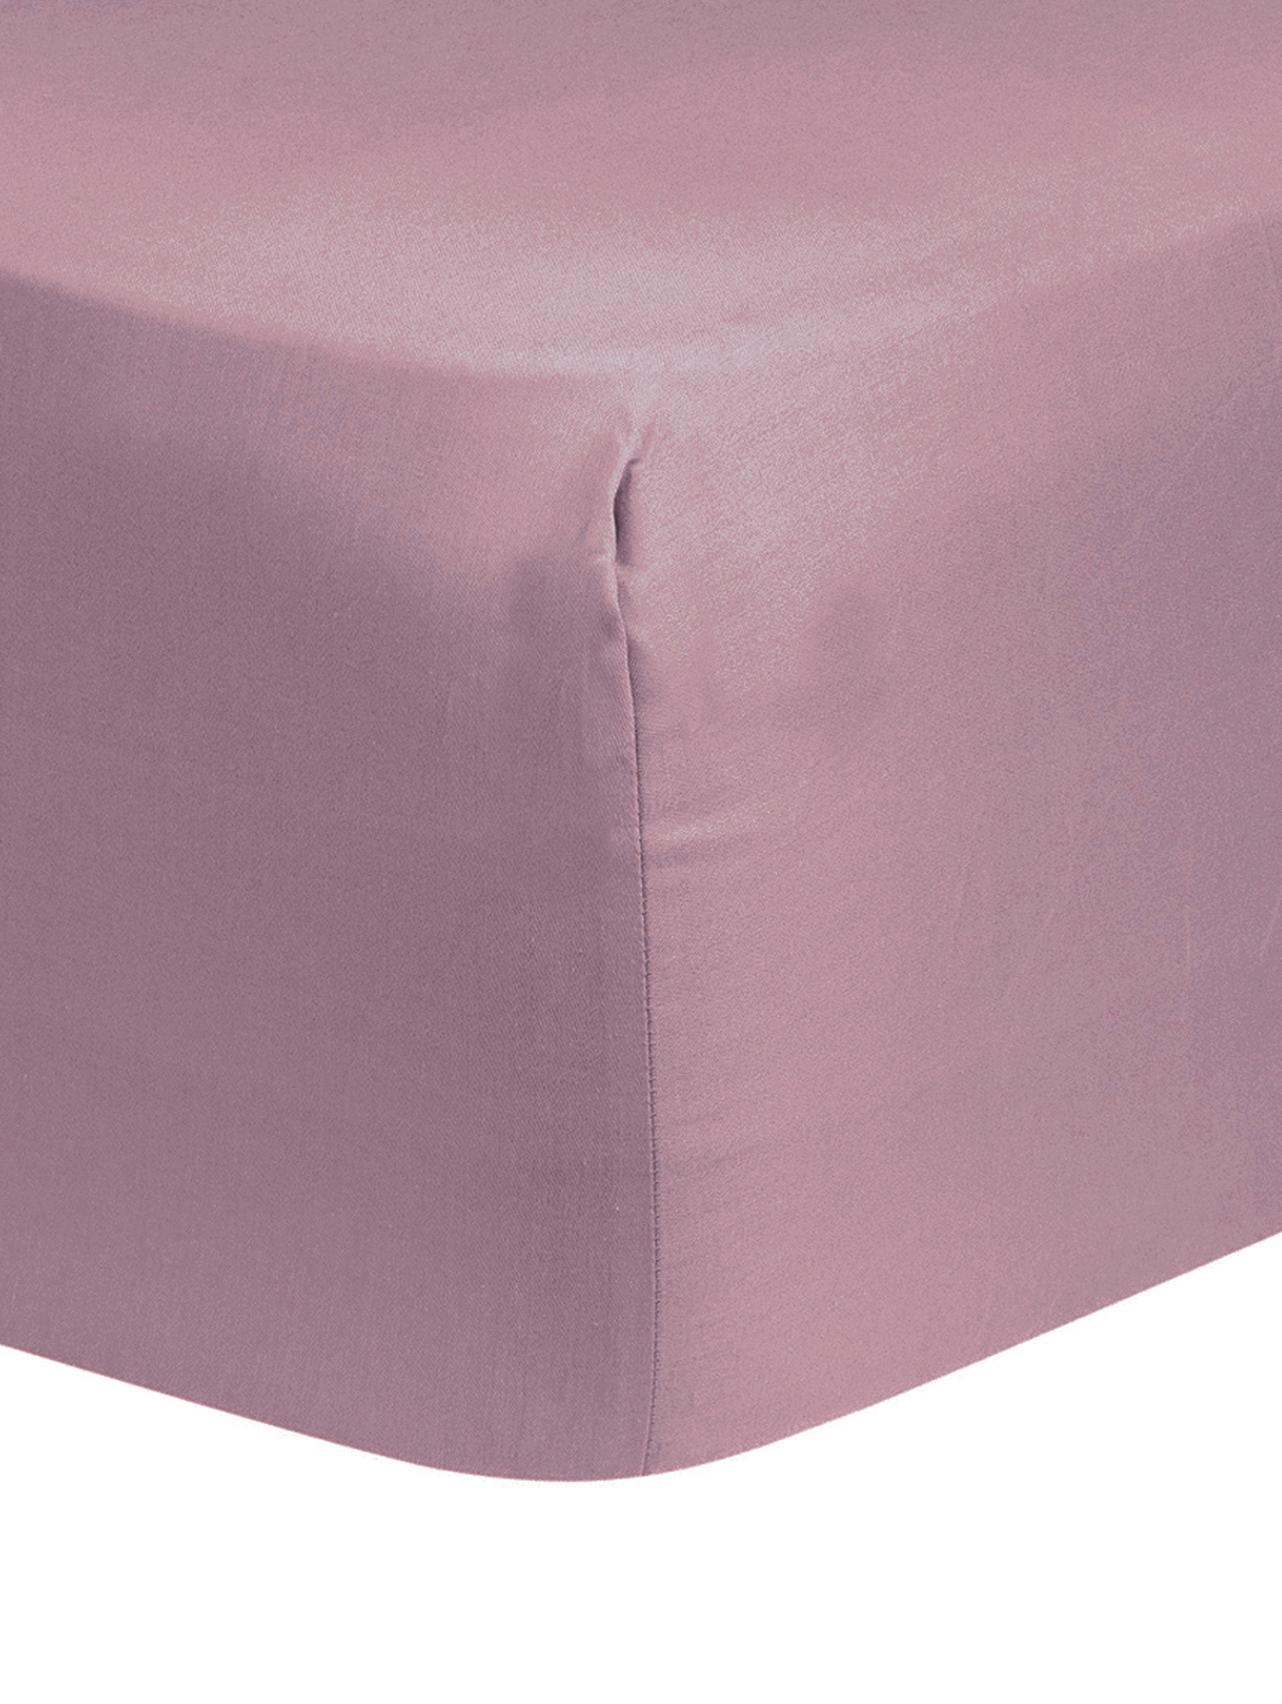 Spannbettlaken Comfort, Baumwollsatin, Webart: Satin, leicht glänzend, Mauve, 90 x 200 cm